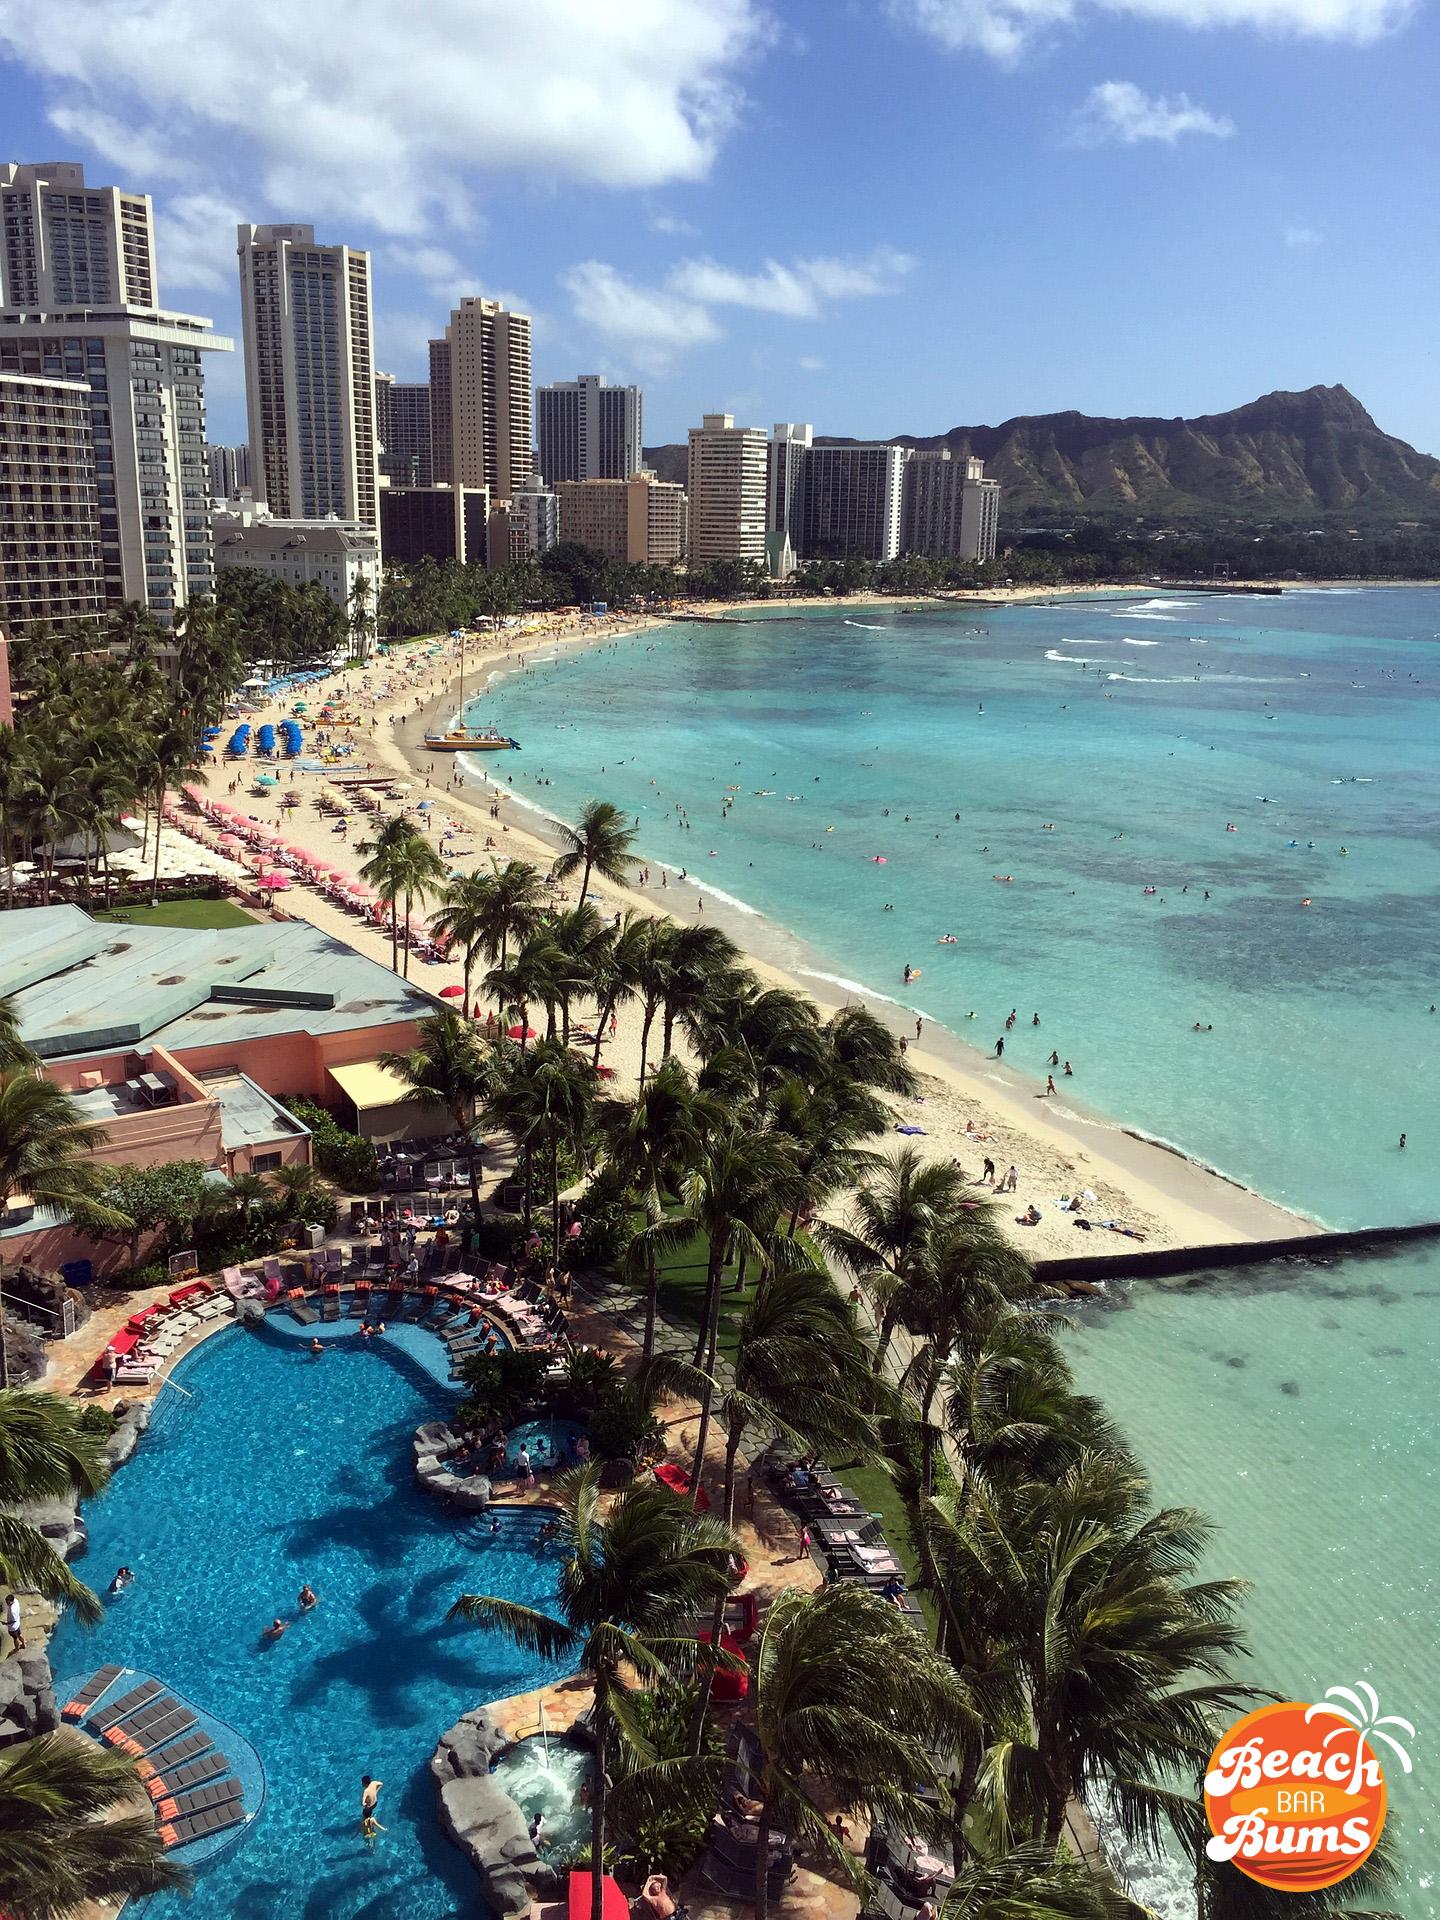 Beach Thursday Pic Of The Week Waikiki Beach Hawaii Beach Bar Bums